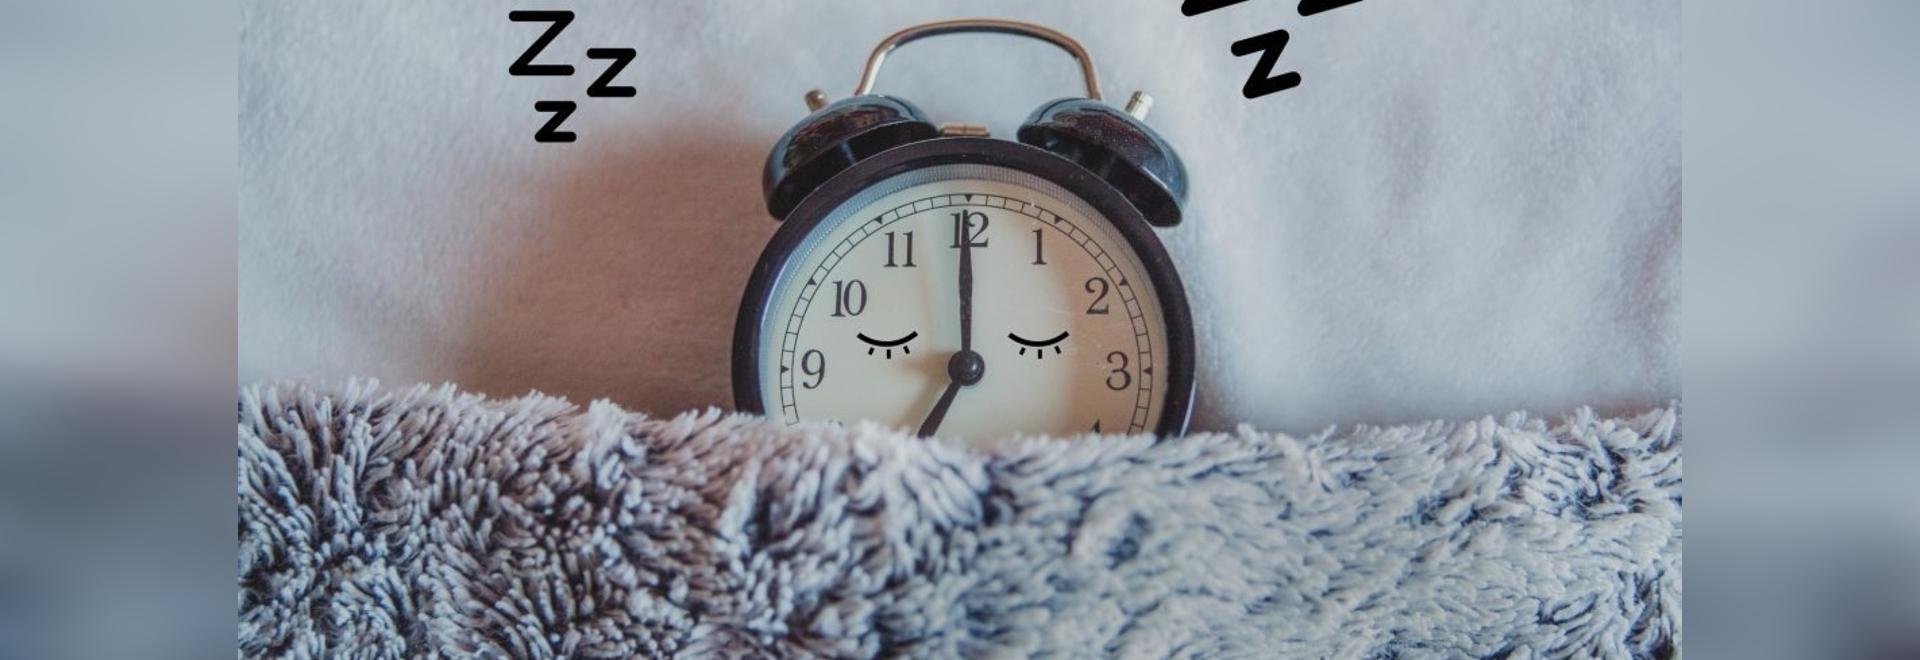 ¿Dormir bien ahora, y menos Alzheimer después?